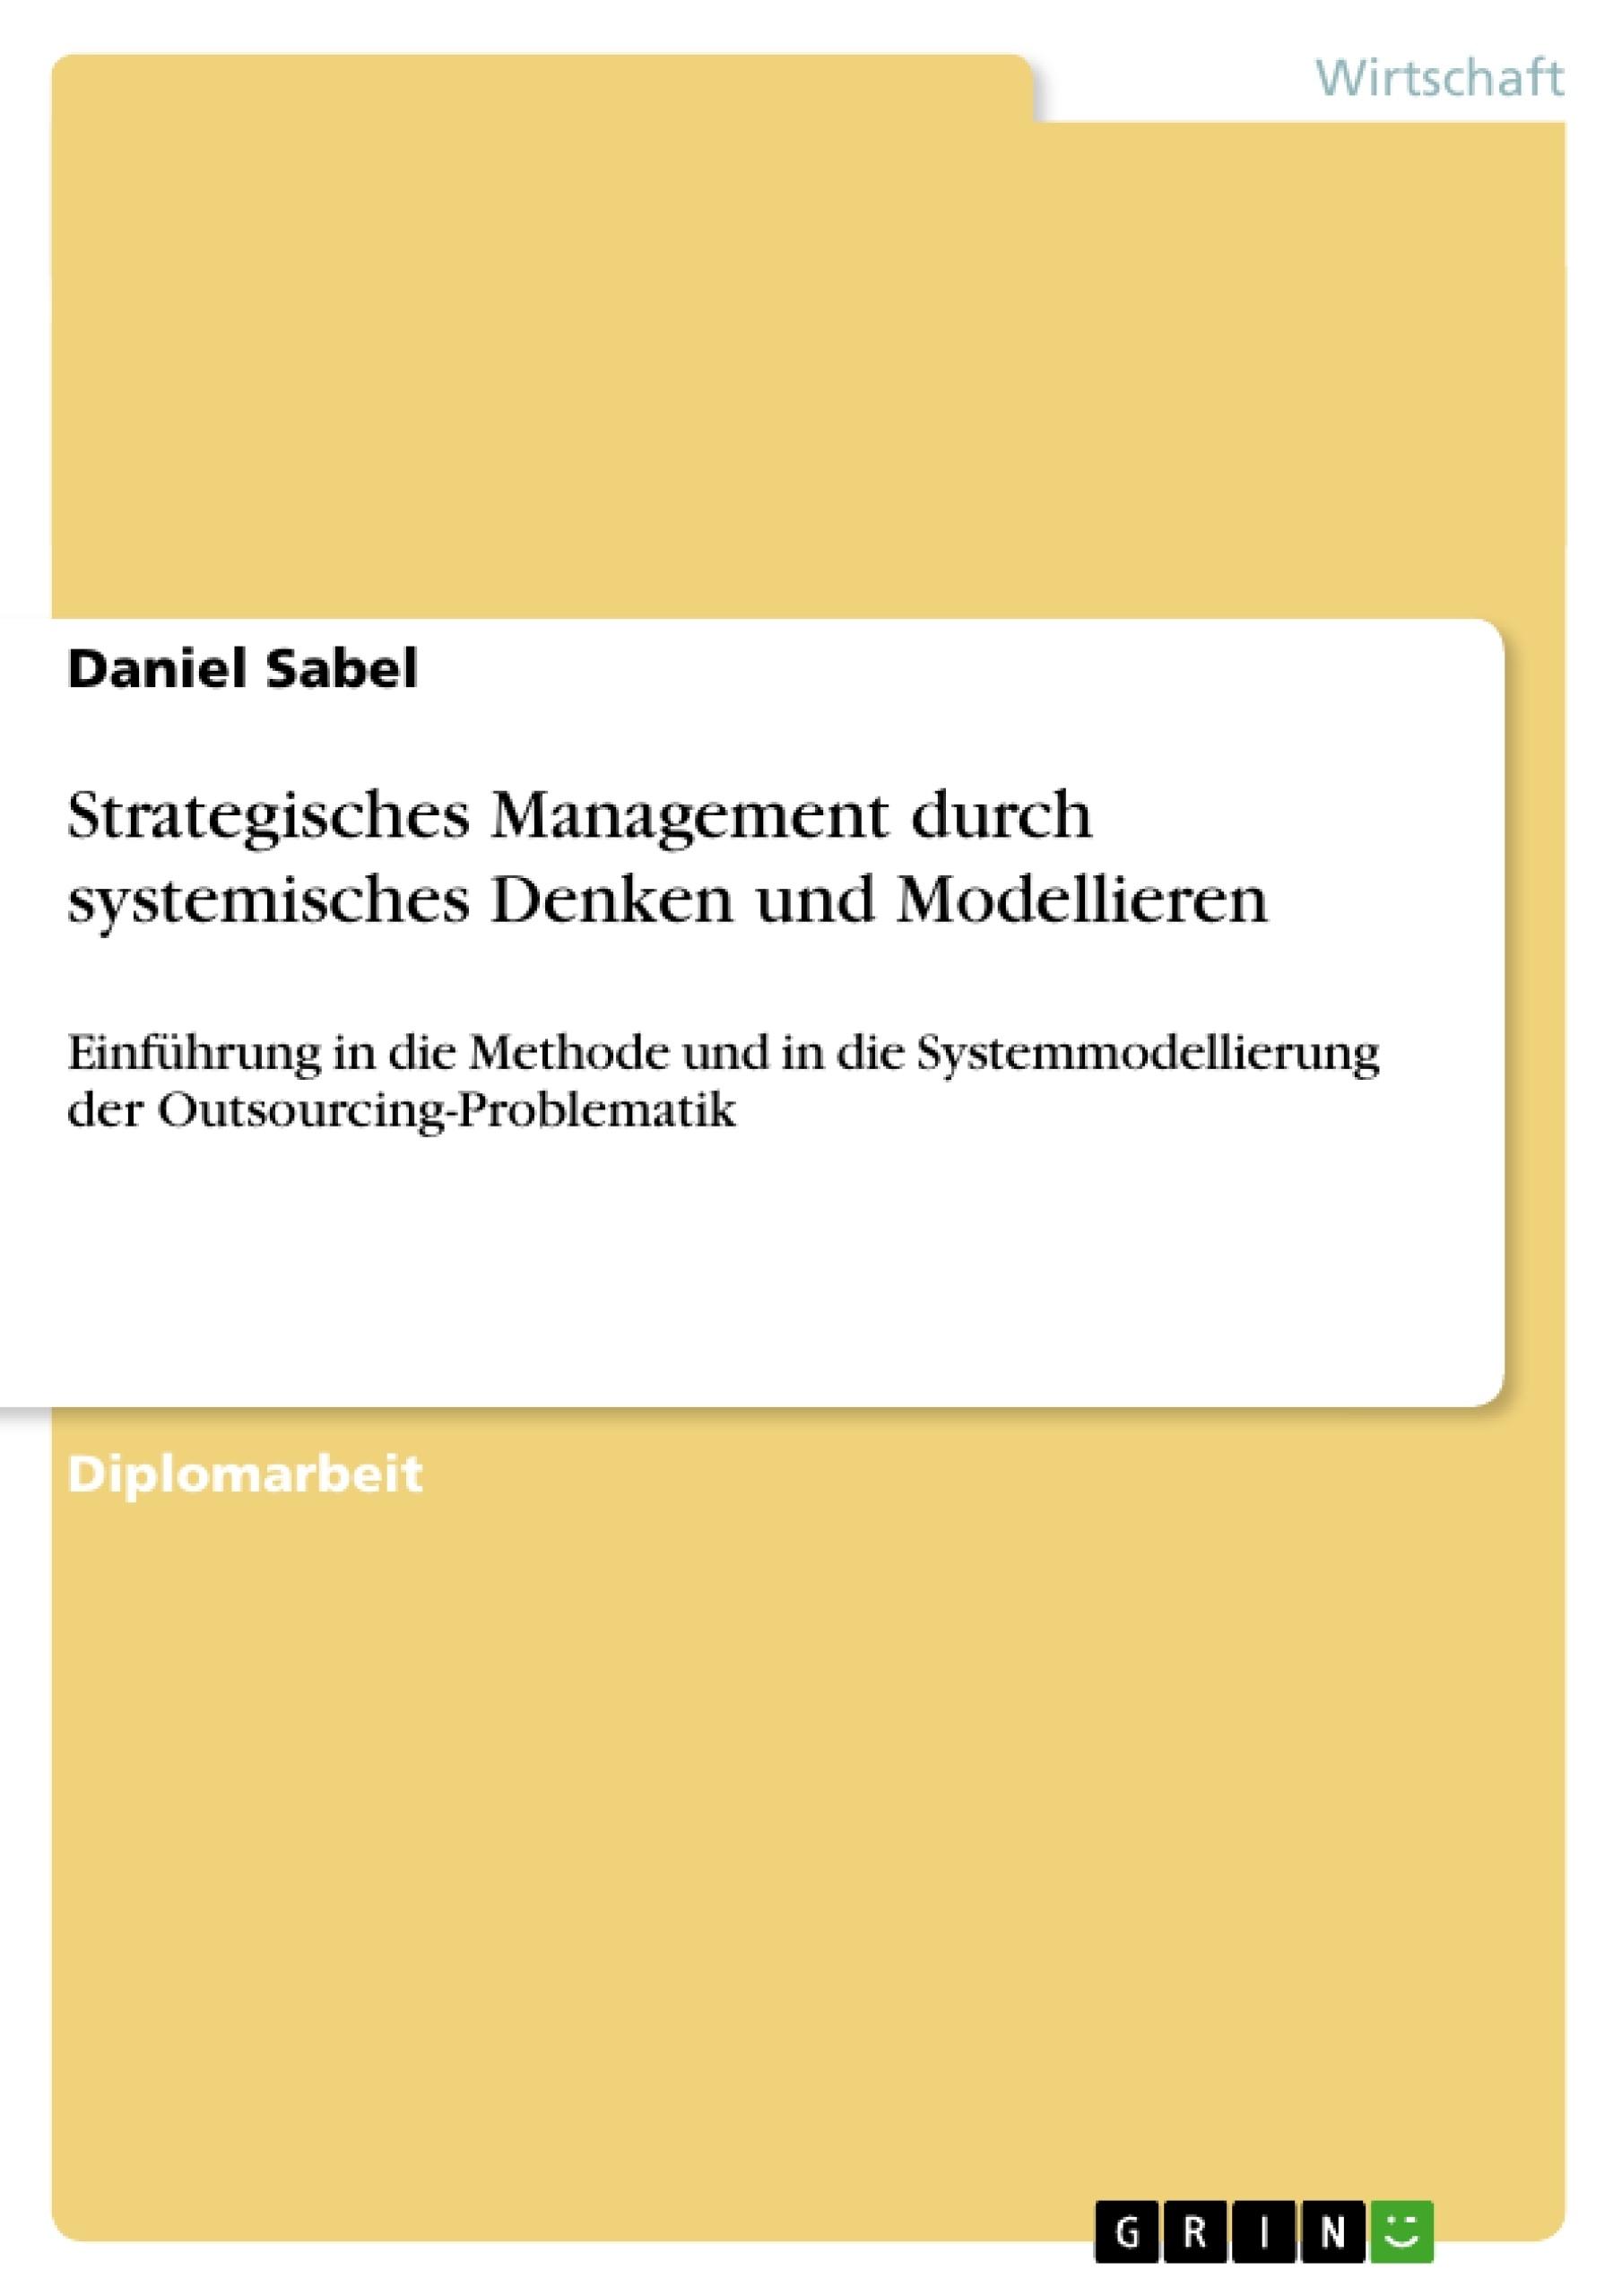 Titel: Strategisches Management durch systemisches Denken und Modellieren